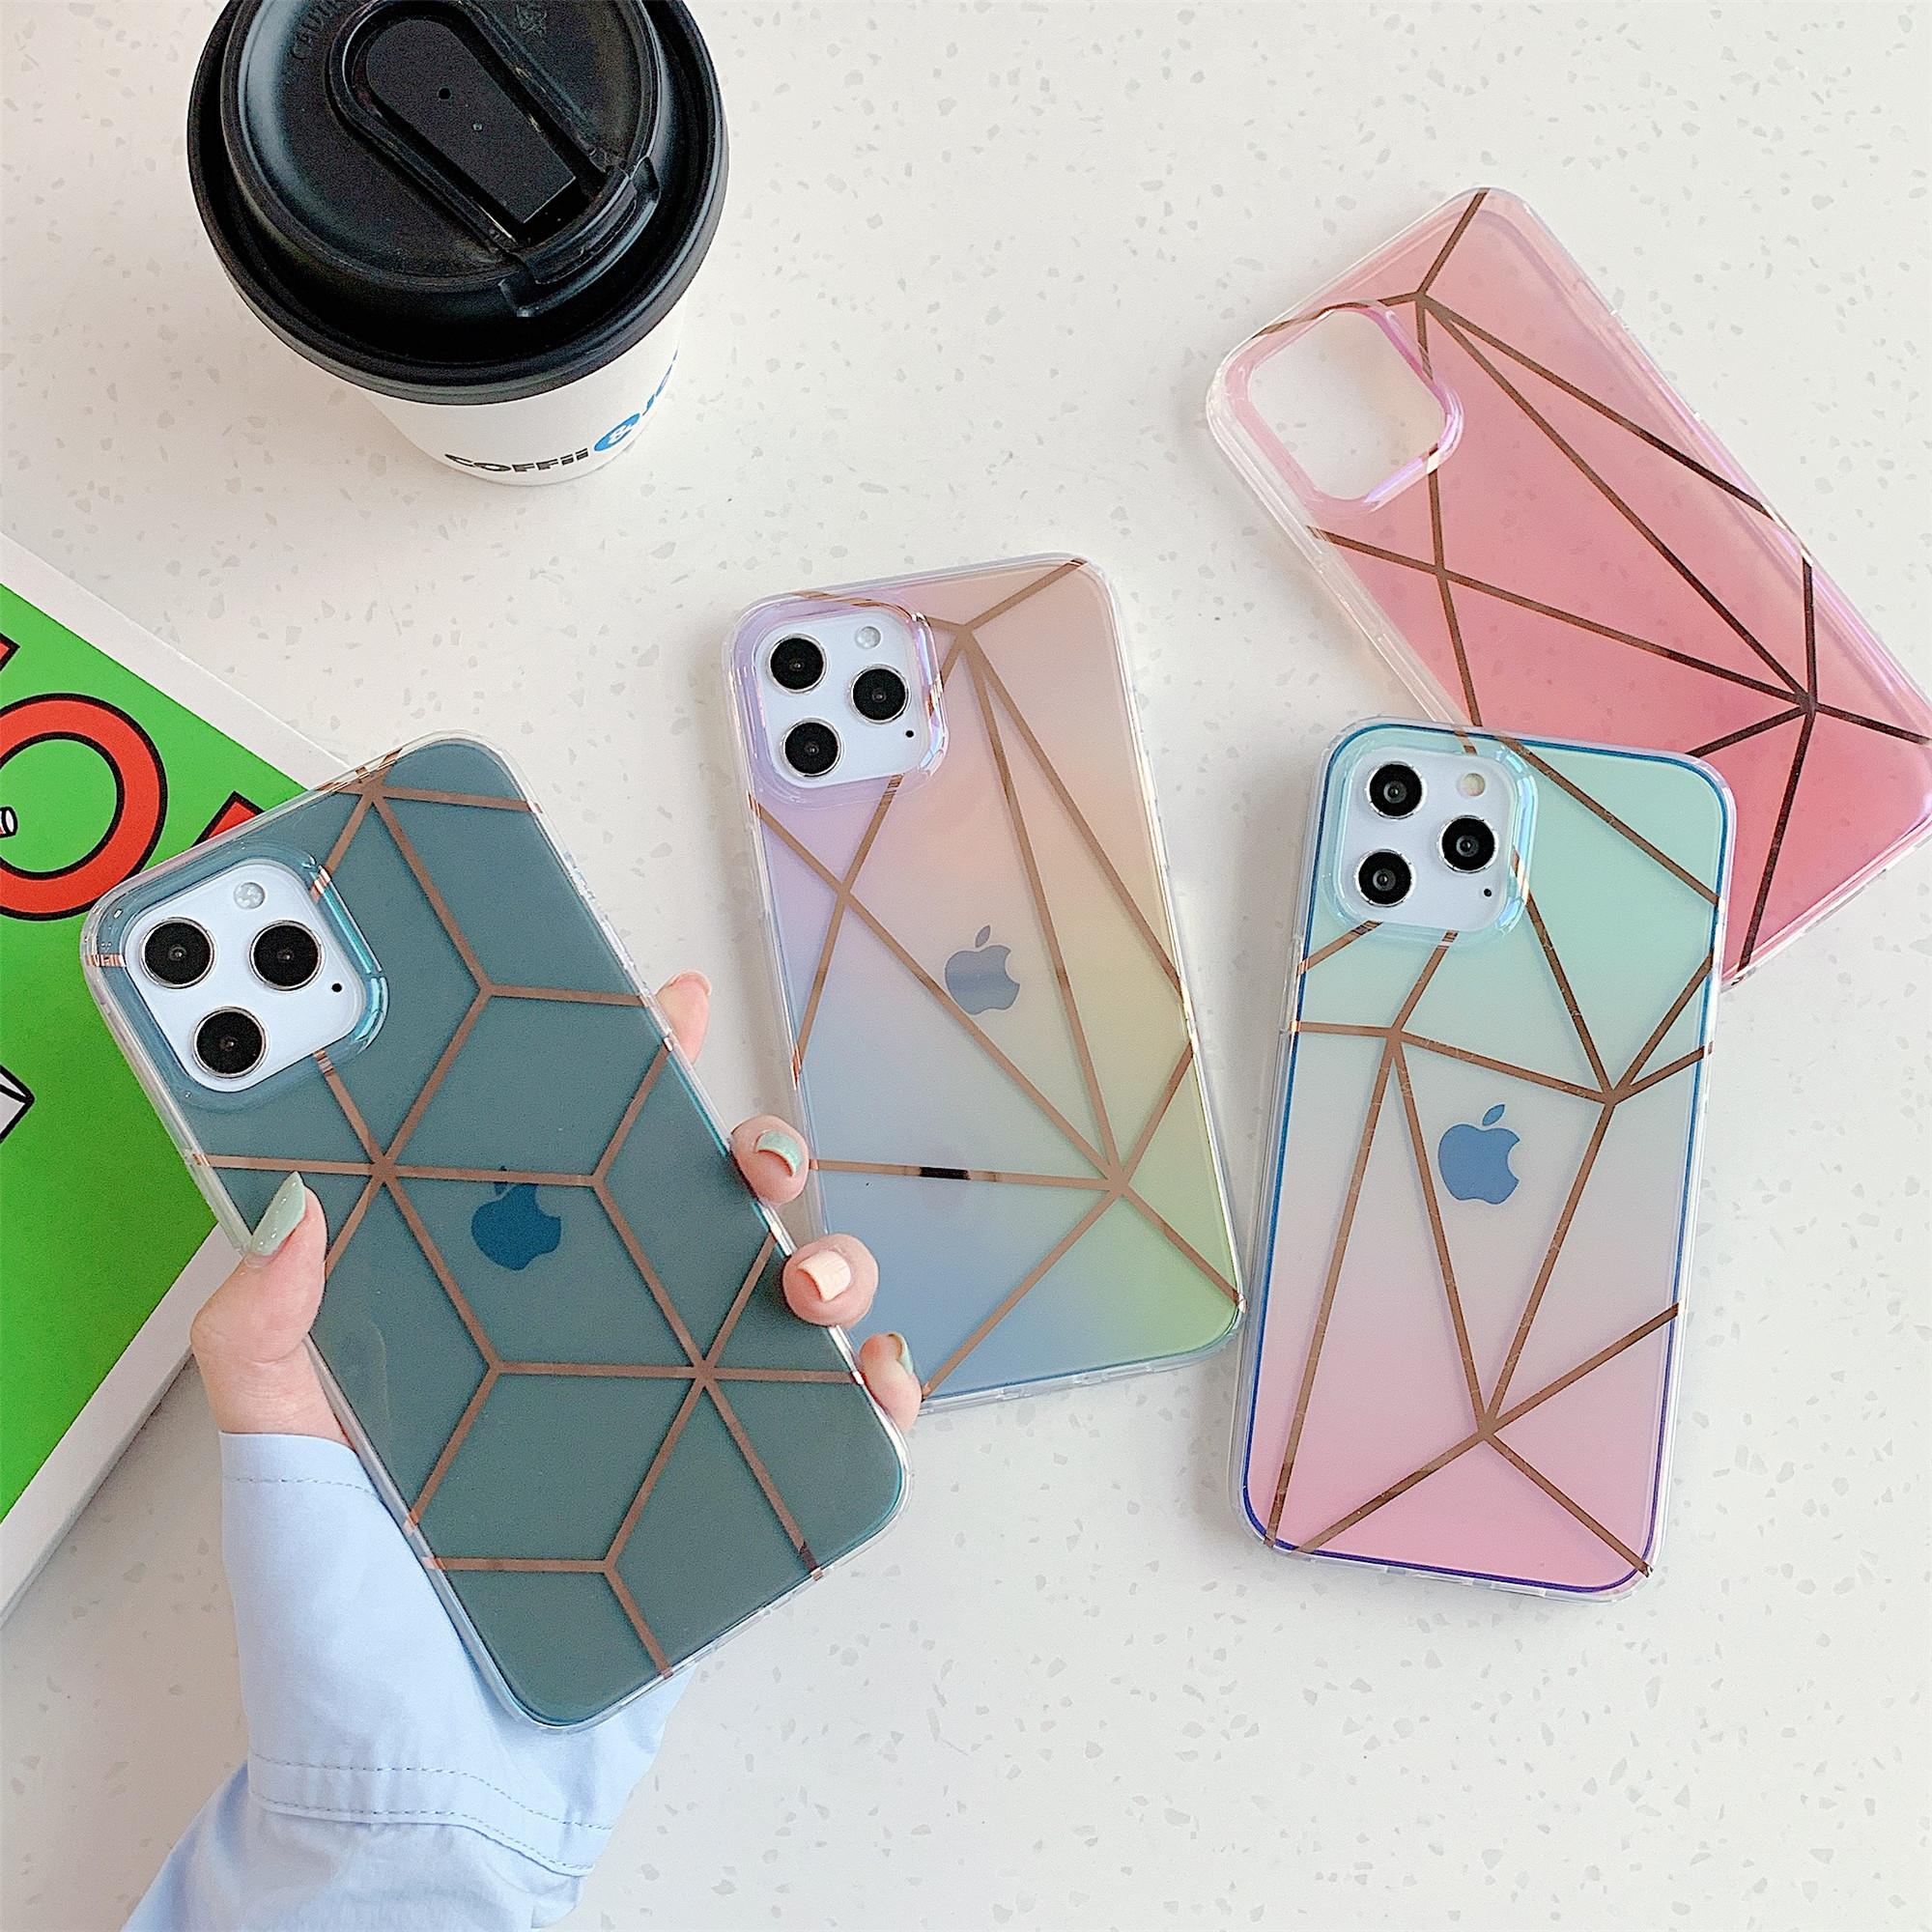 เคสโทรศัพท์มือถือแบบสองด้านสําหรับ Iphone 7 8 Se2 7 P 8P X Xr Xs Xsmax 11 Promax